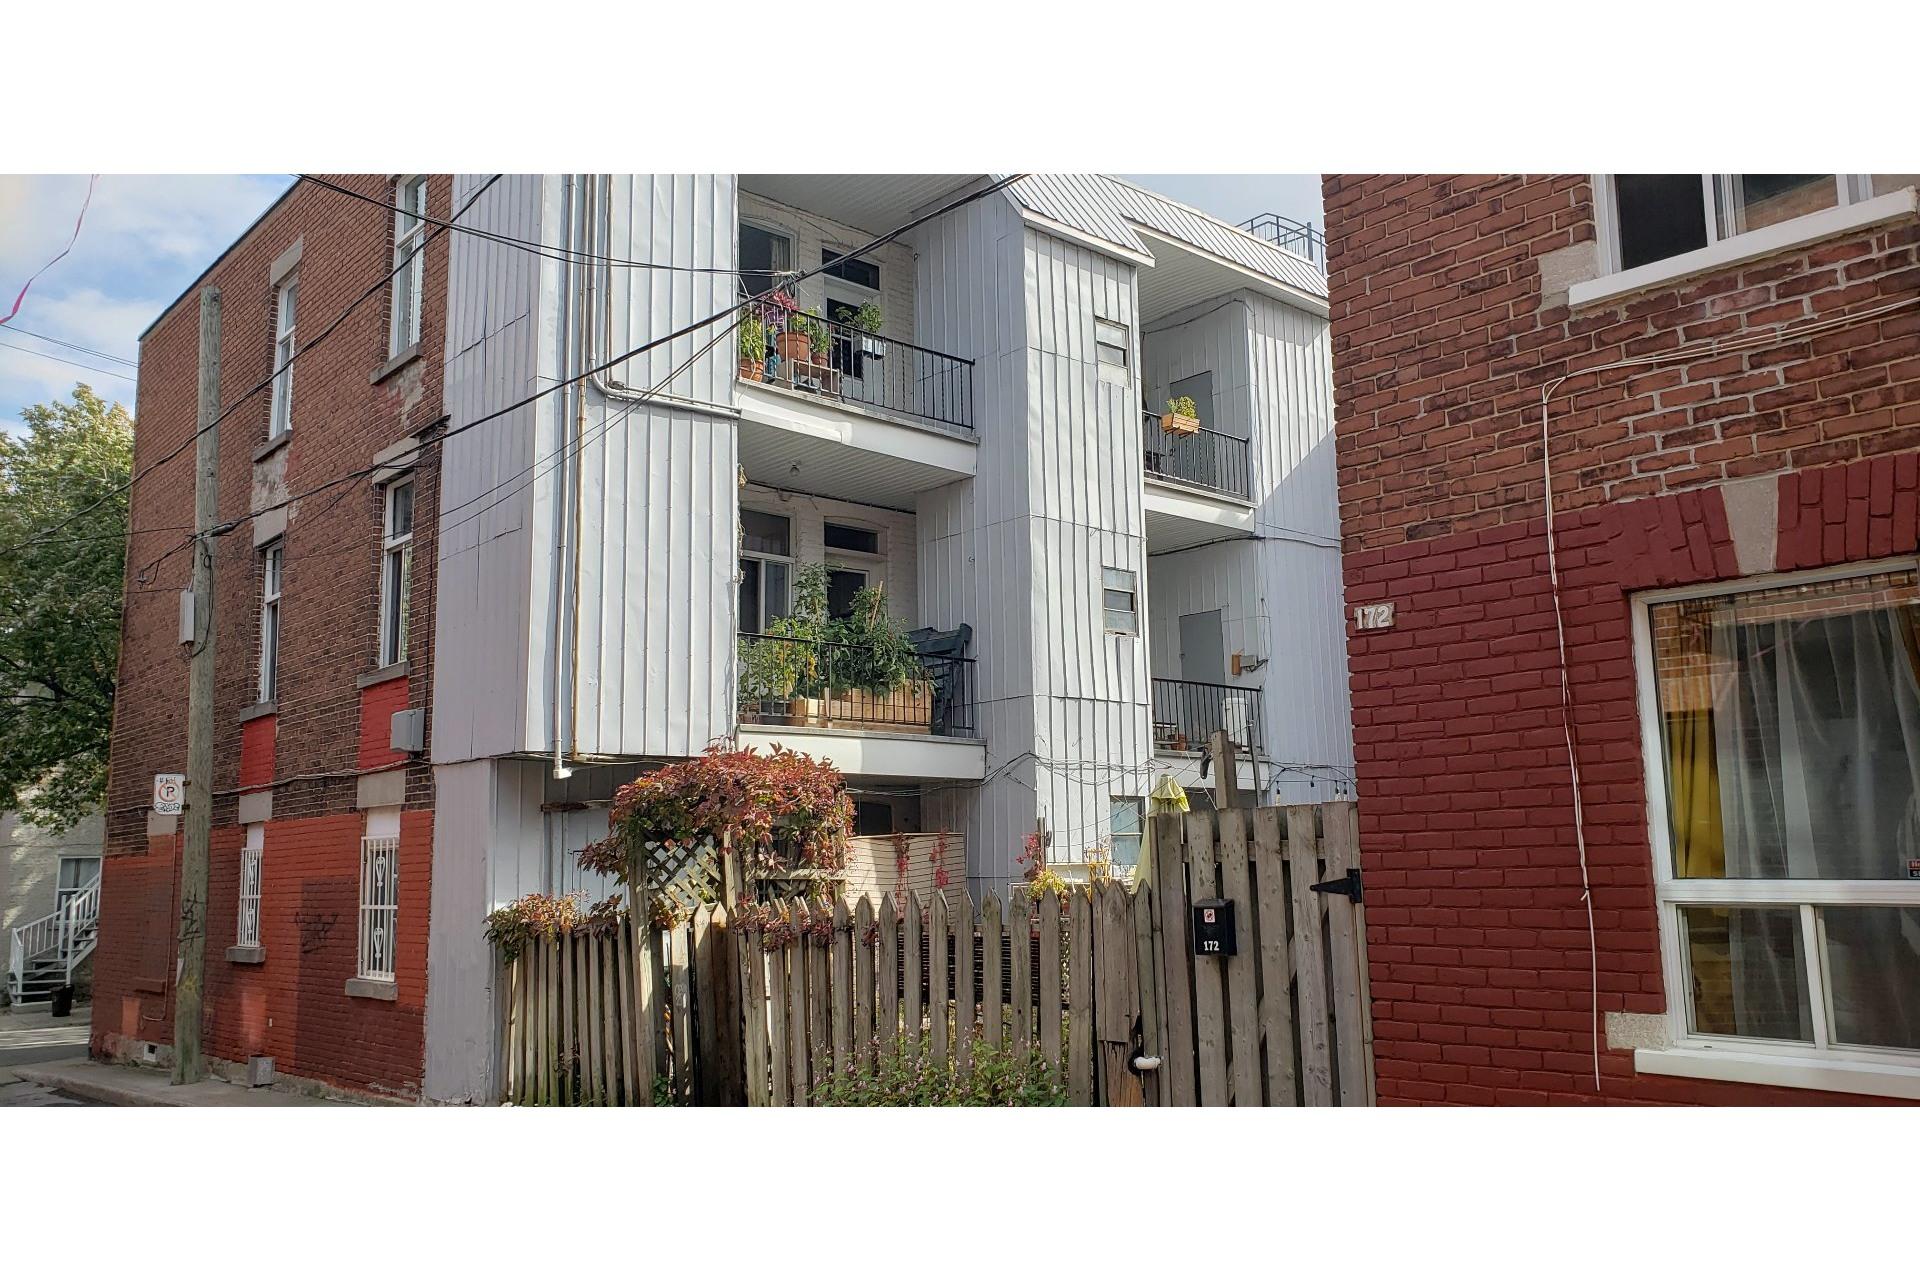 image 4 - Income property For sale Le Plateau-Mont-Royal Montréal  - 4 rooms